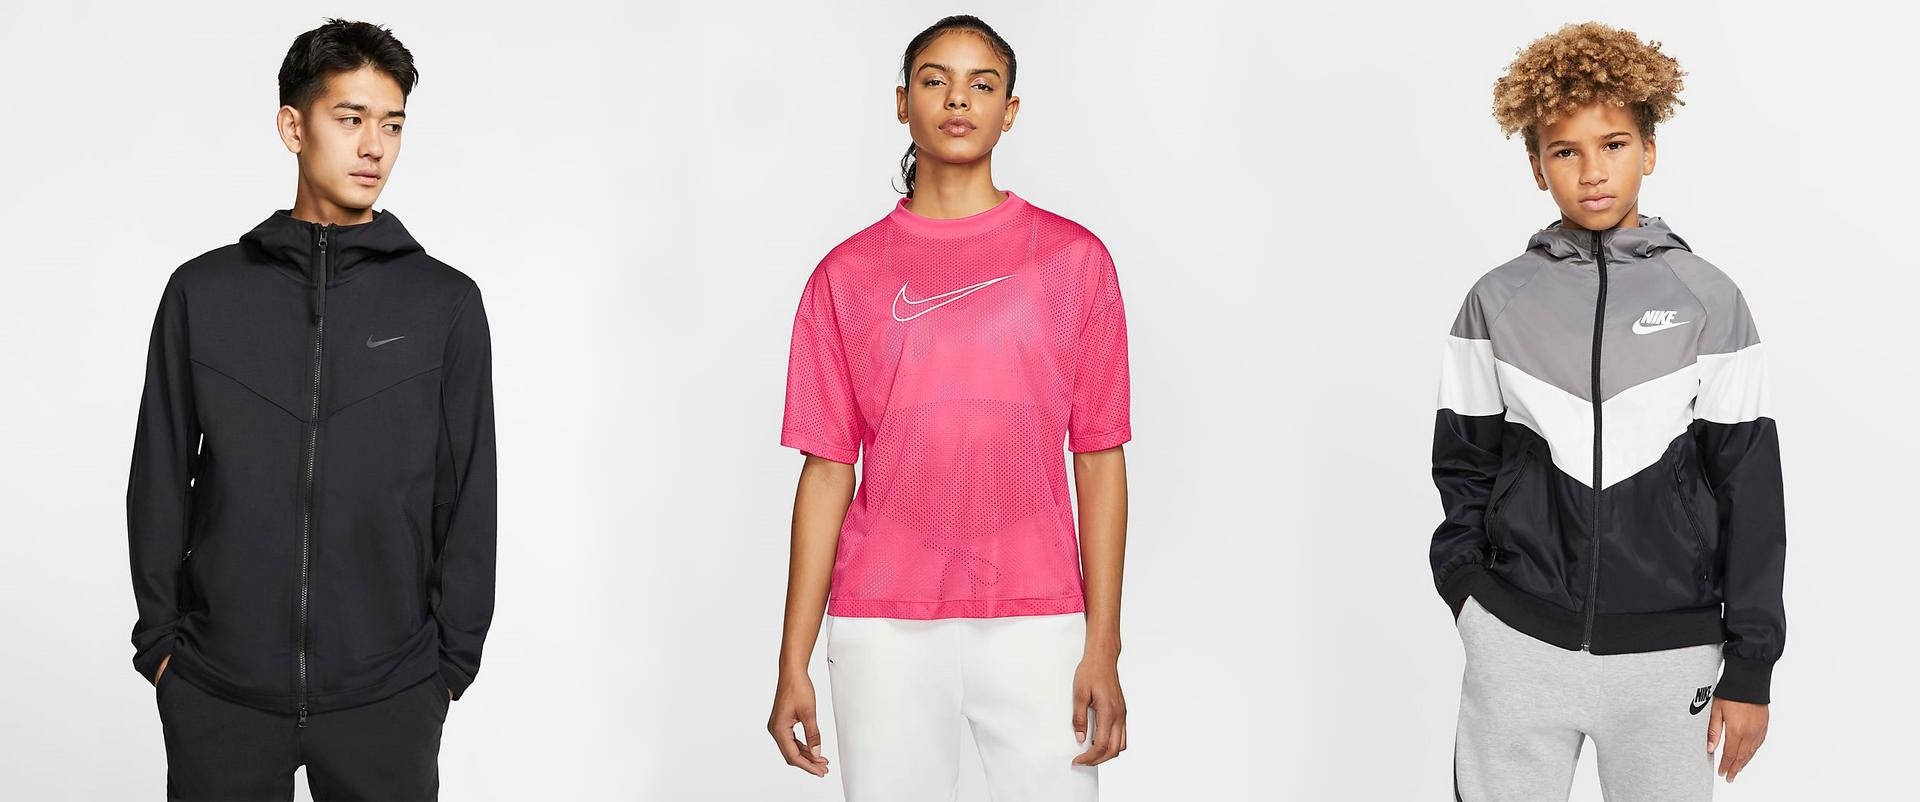 Nike saldi invernali 2021